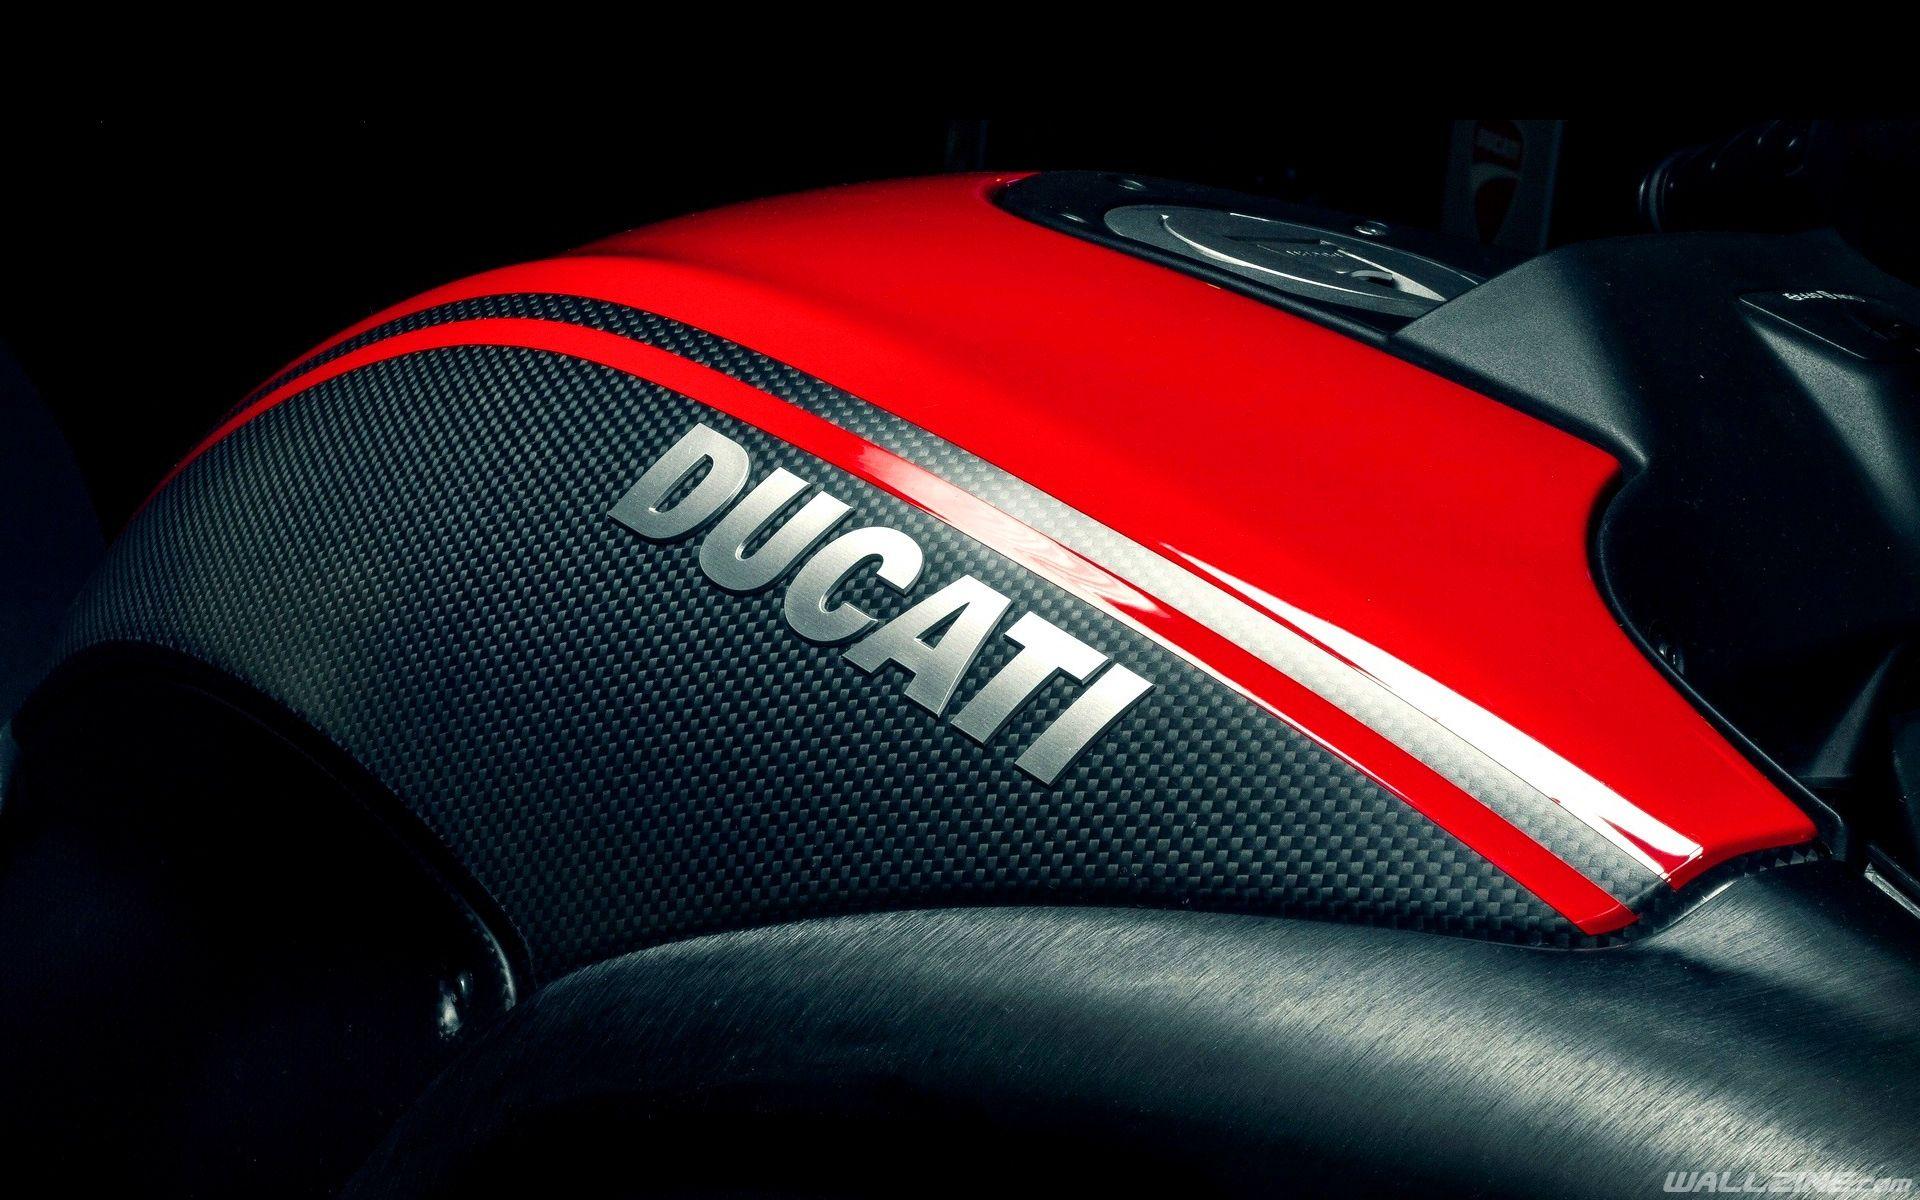 Ducati Bikes Wallpaper Ducati Ducati Diavel Motorcycles In India